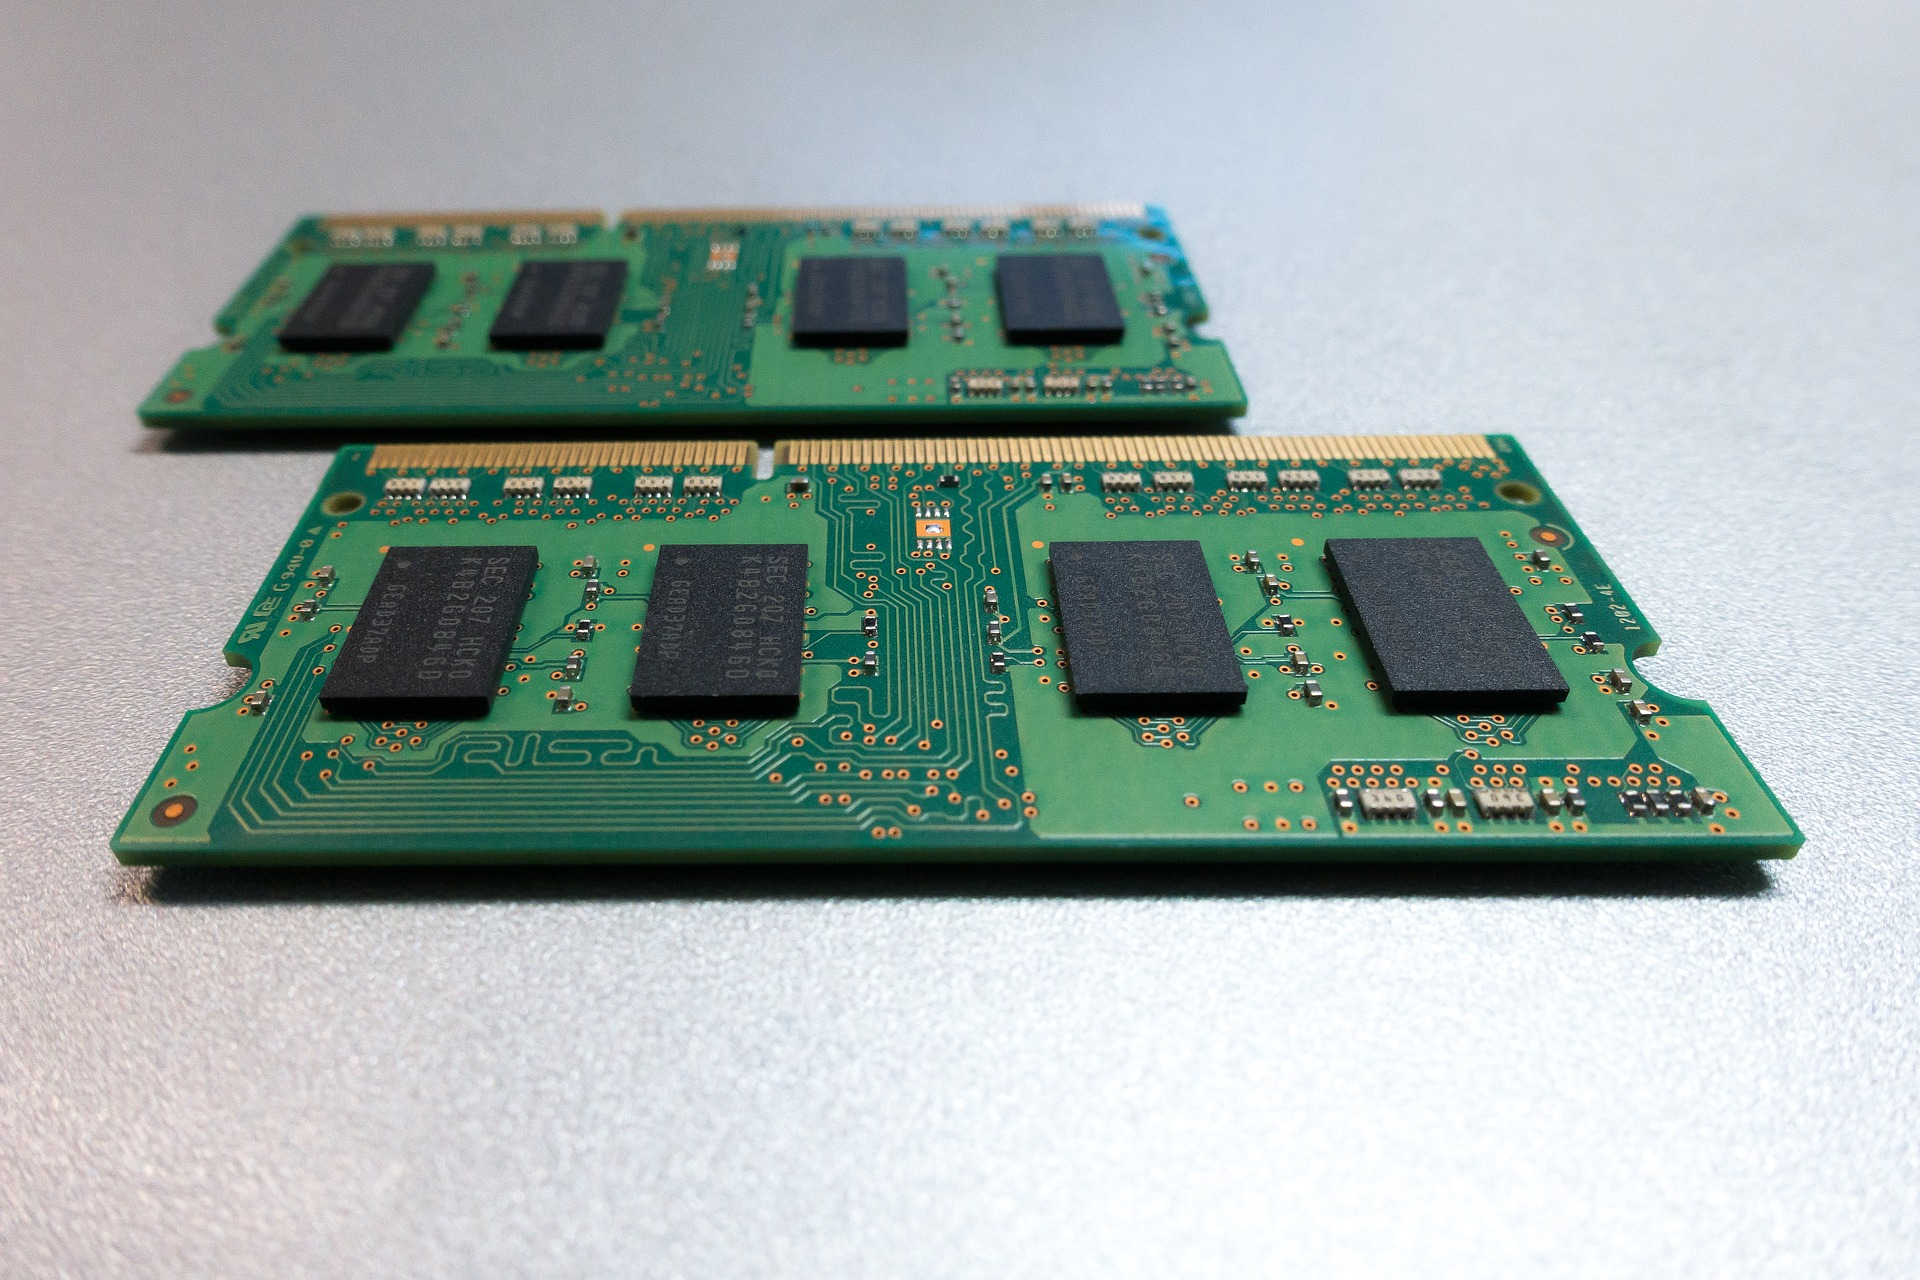 【初心者でもわかる!DTM用パソコンの選ぶポイントはこれだ!】CPU・メモリ・OS。DTMにとって重要なPCのスペック、選び方を解説①